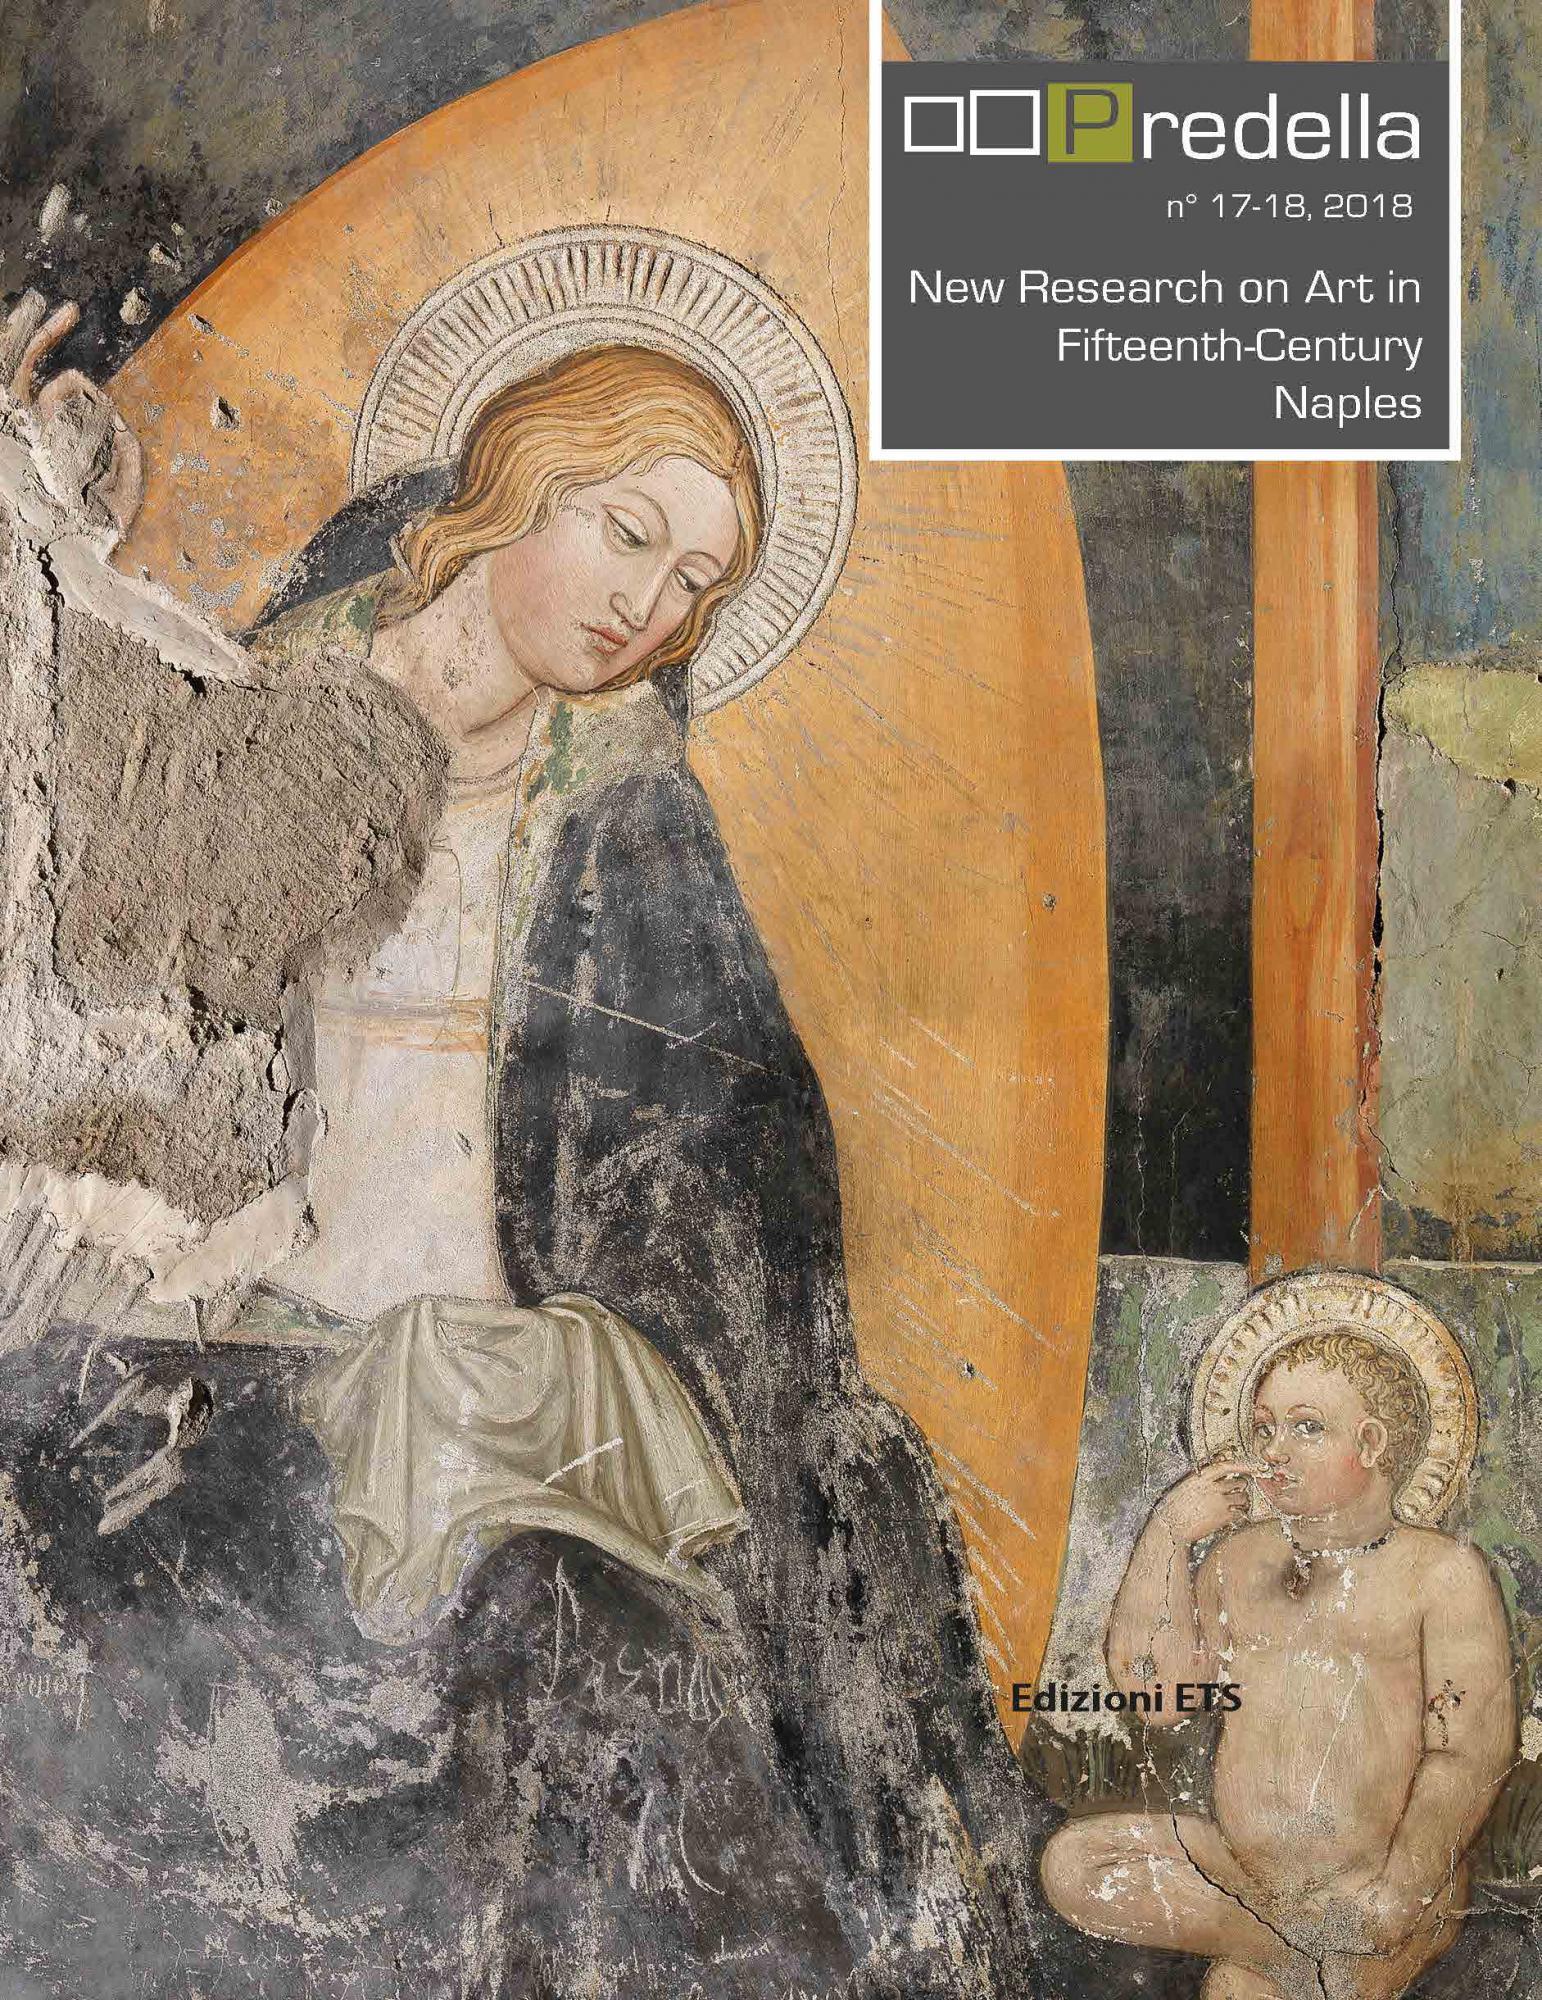 Predella 17-18, 2018.New Research on Art  in Fifteenth-Century Naples. Nuove ricerche sull'arte del Quattrocento a Napoli